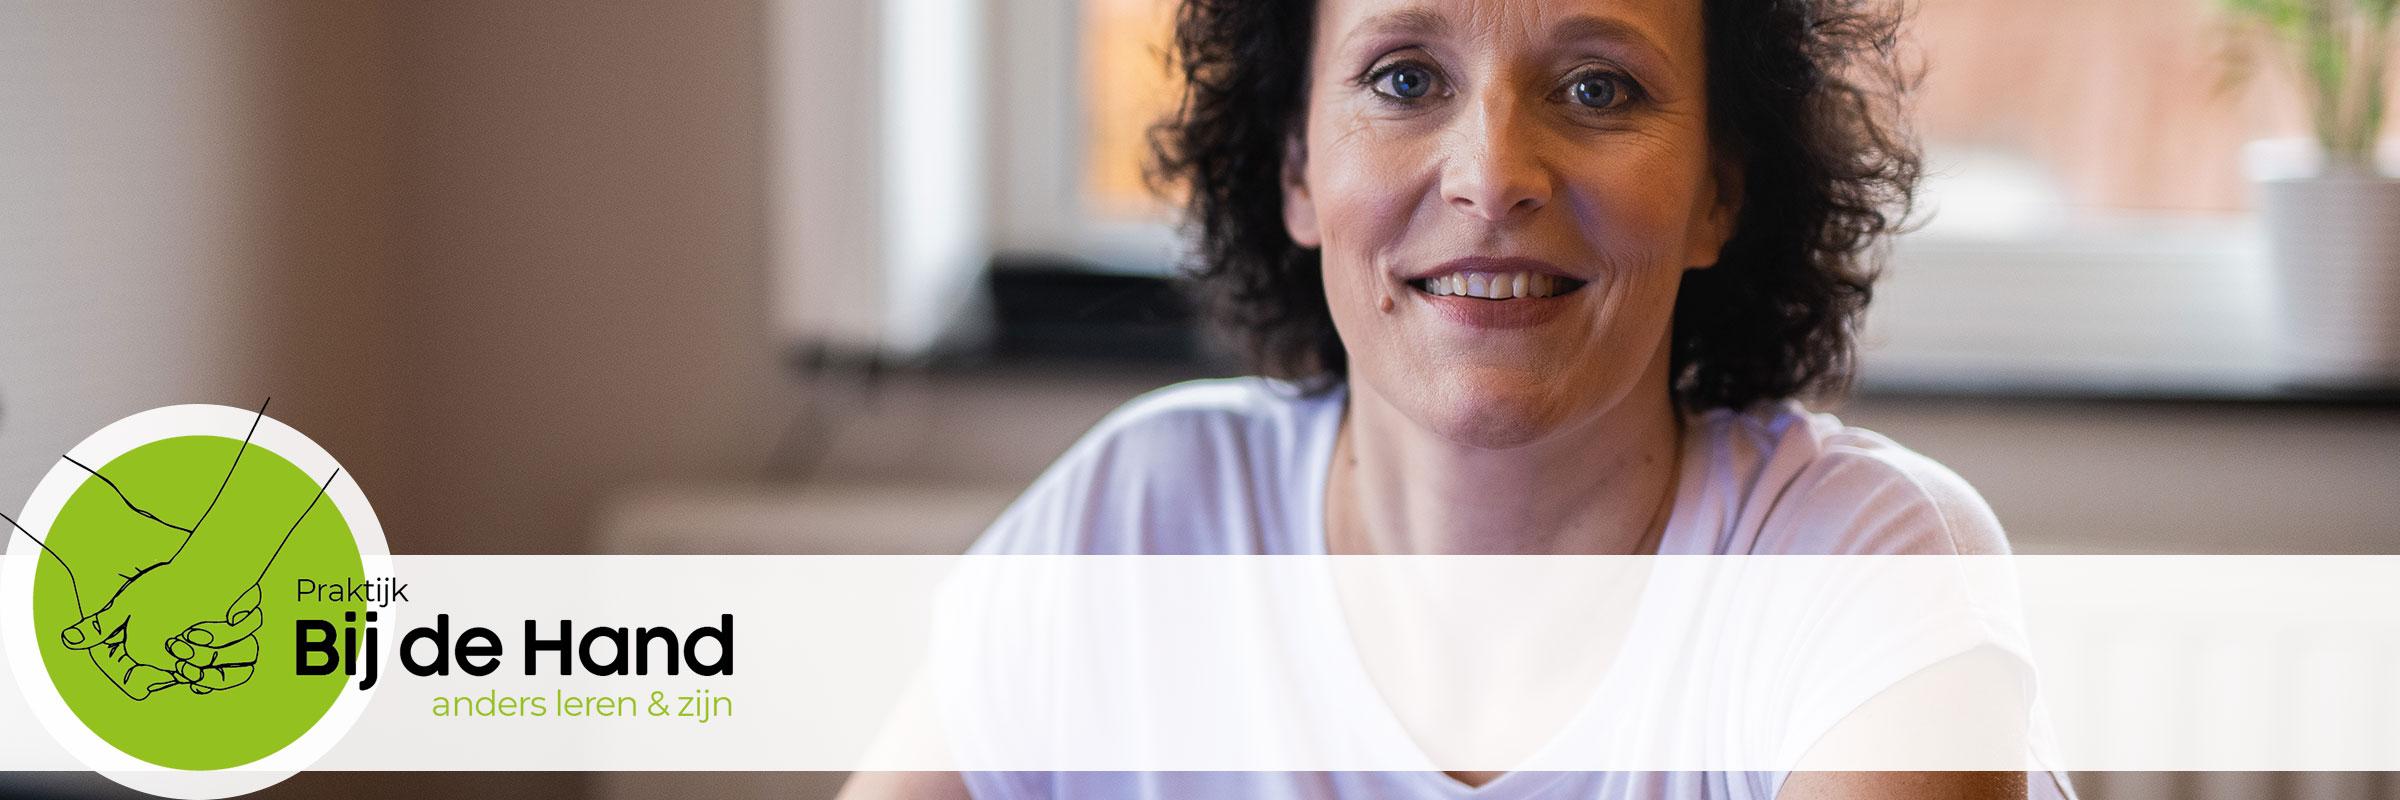 Header-Praktijk-Bij-de-Hand-Nathalie-Godart-Bijles-op-maat